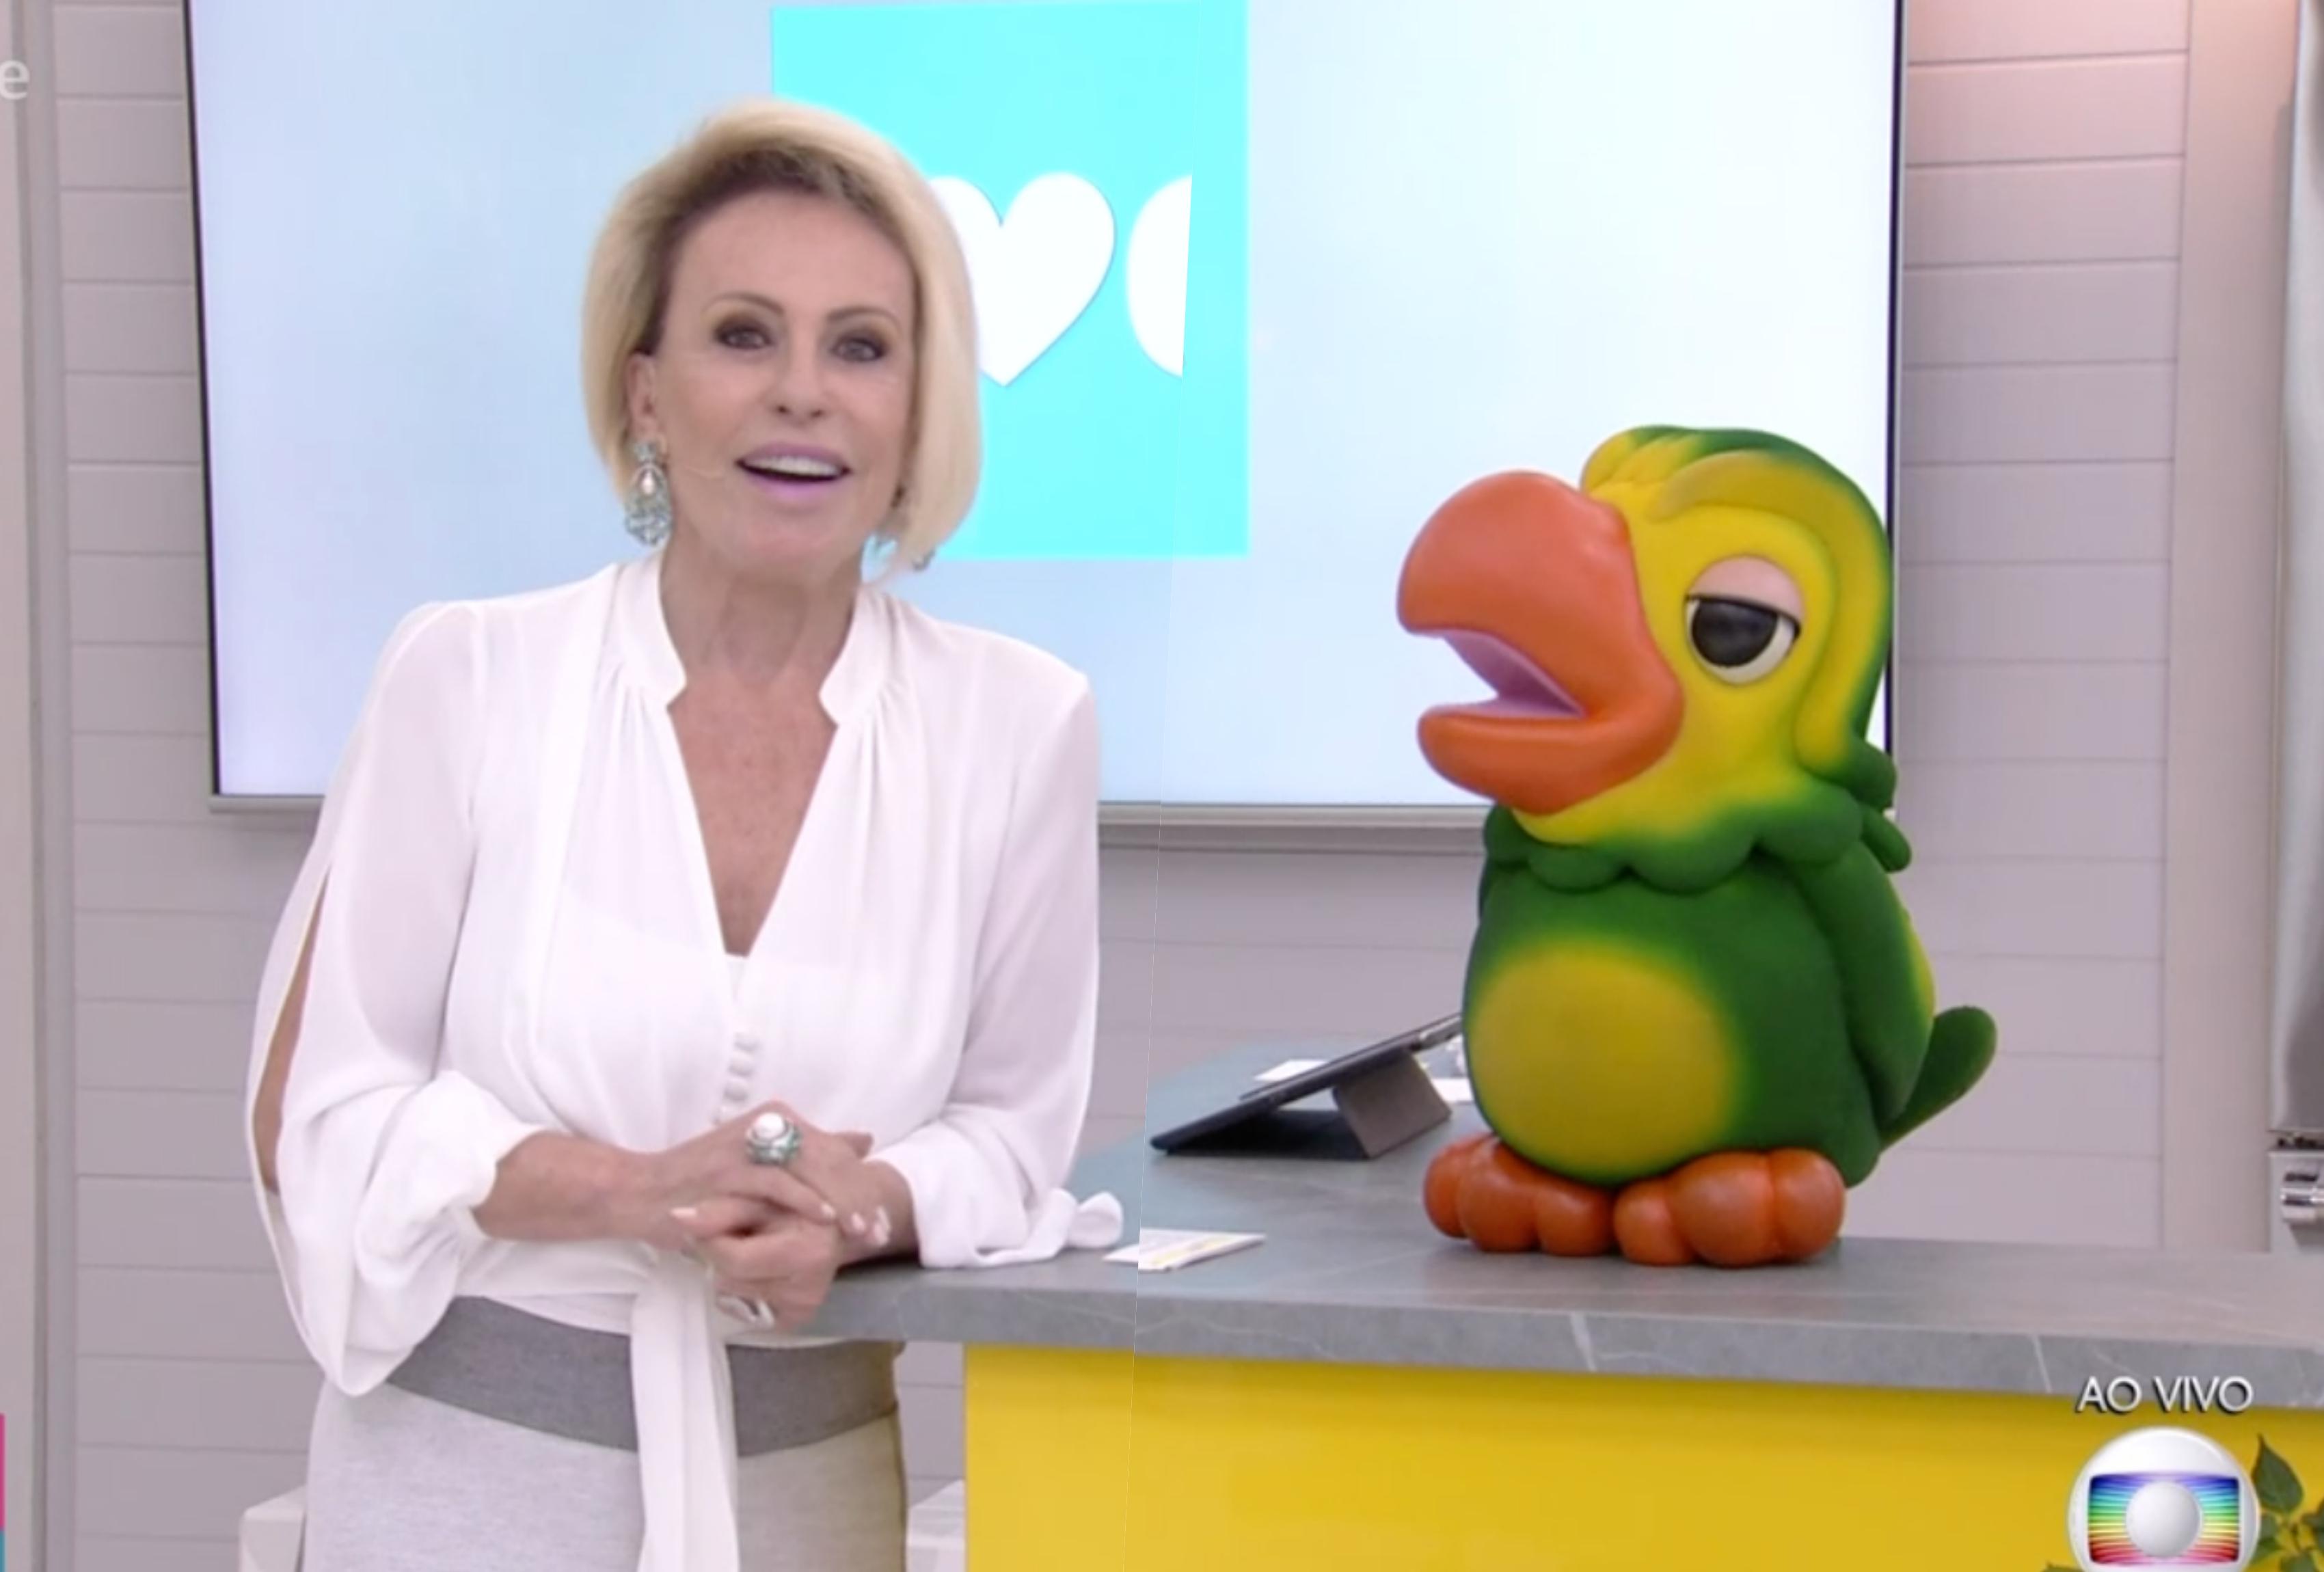 Ana Maria Braga promoveu momento desconfortável no Mais Você no Dia dos Namorados(Foto: Divulgação/Globo)